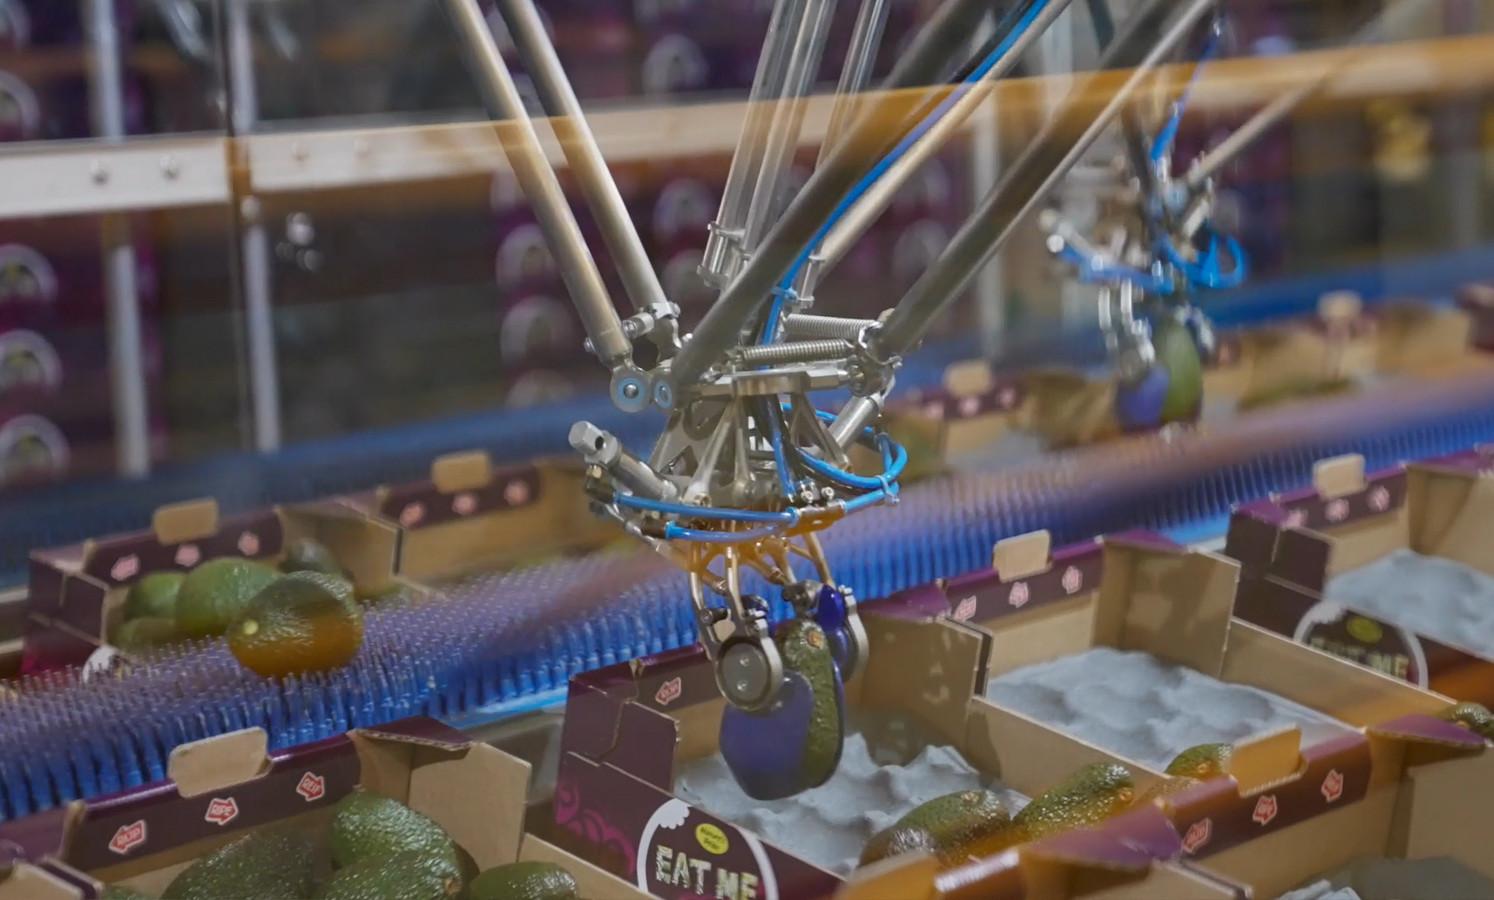 De robothandjes ('grippers') van de Speedpacker van machinefabriek Selo in Hengelo kunnen heel voorzichtig 240 avocado's per minuut verpakken.